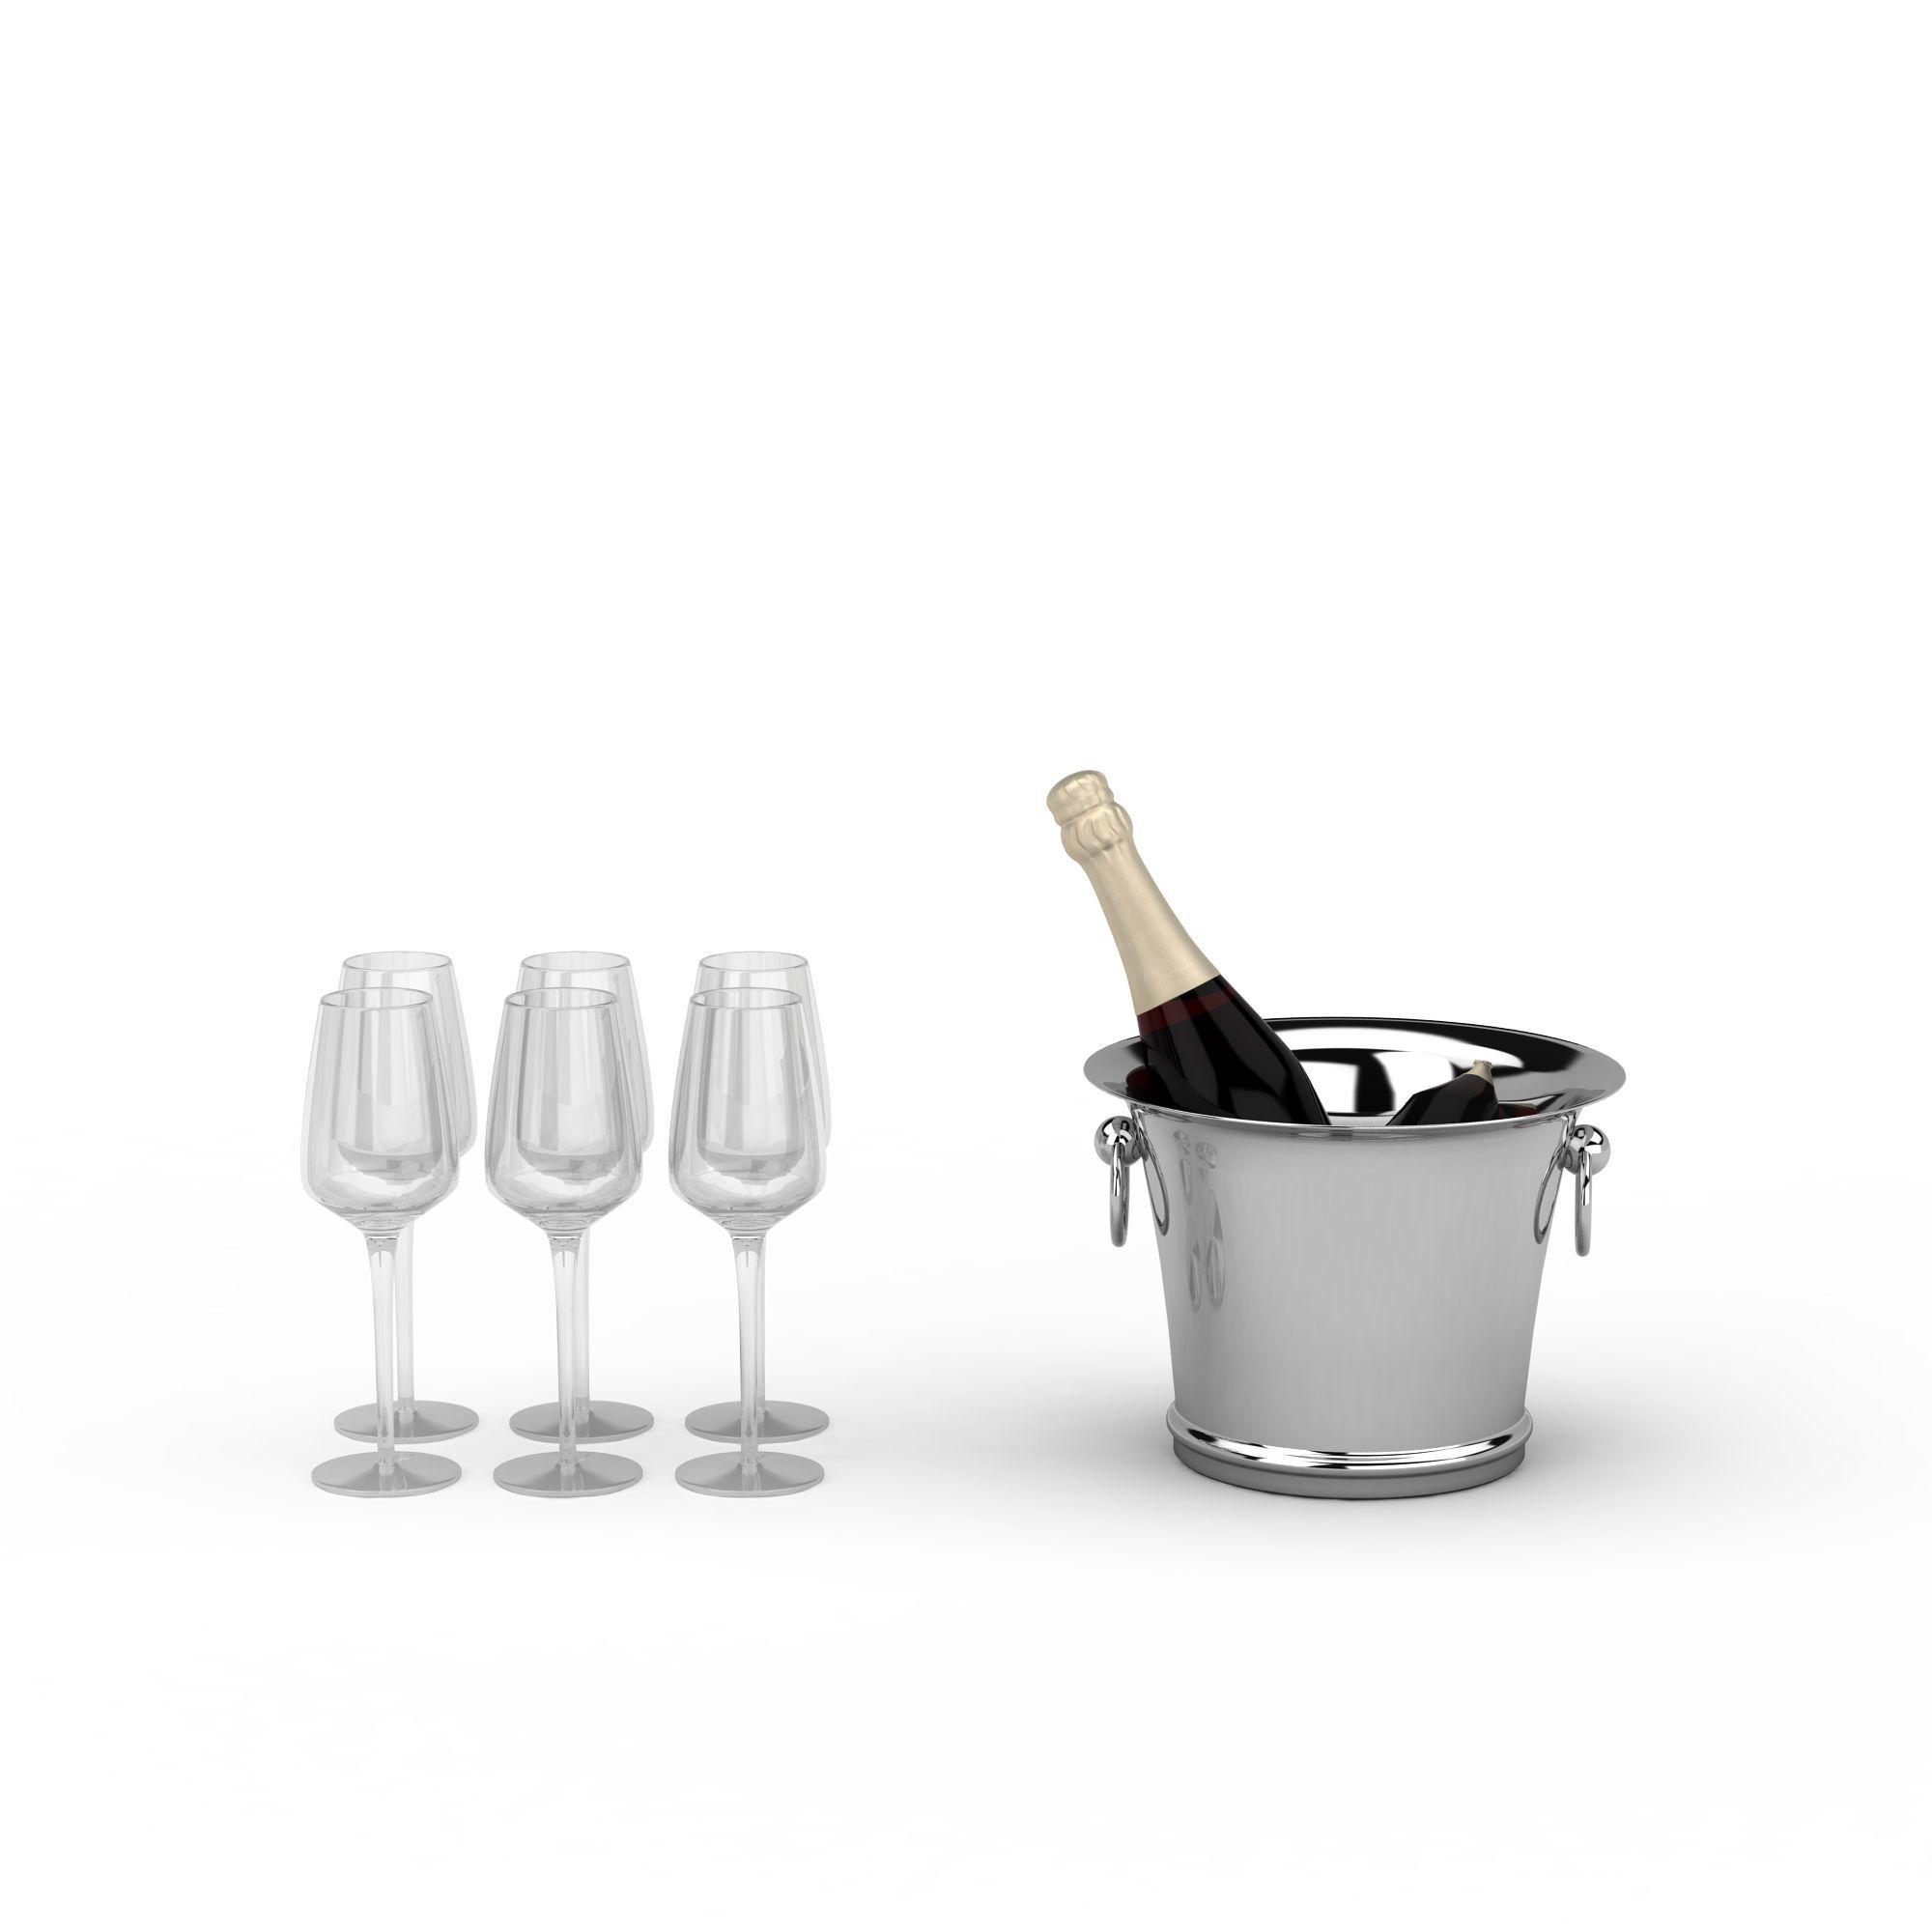 冰桶组合图片_酒杯冰桶组合png图片素材